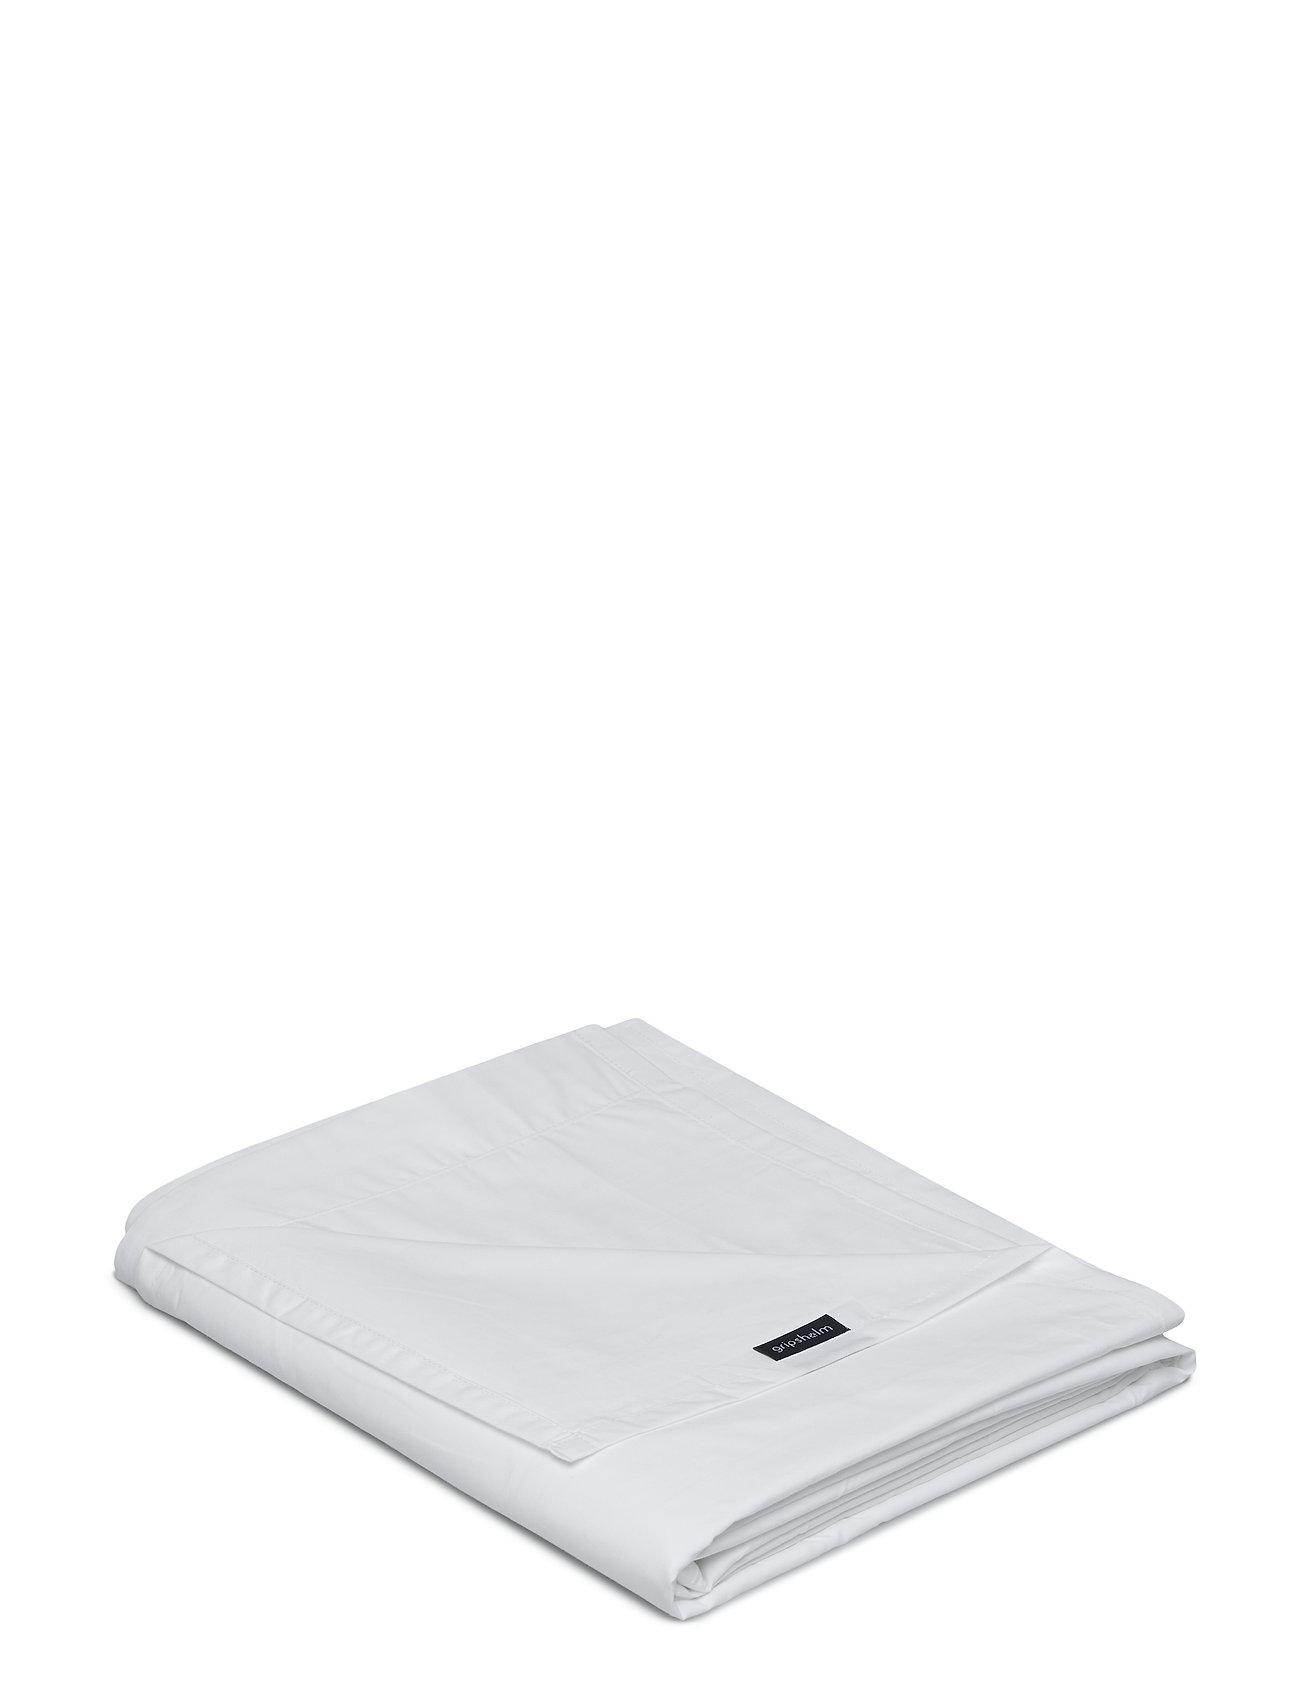 Gripsholm FLAT SHEET PERCALE - WHITE